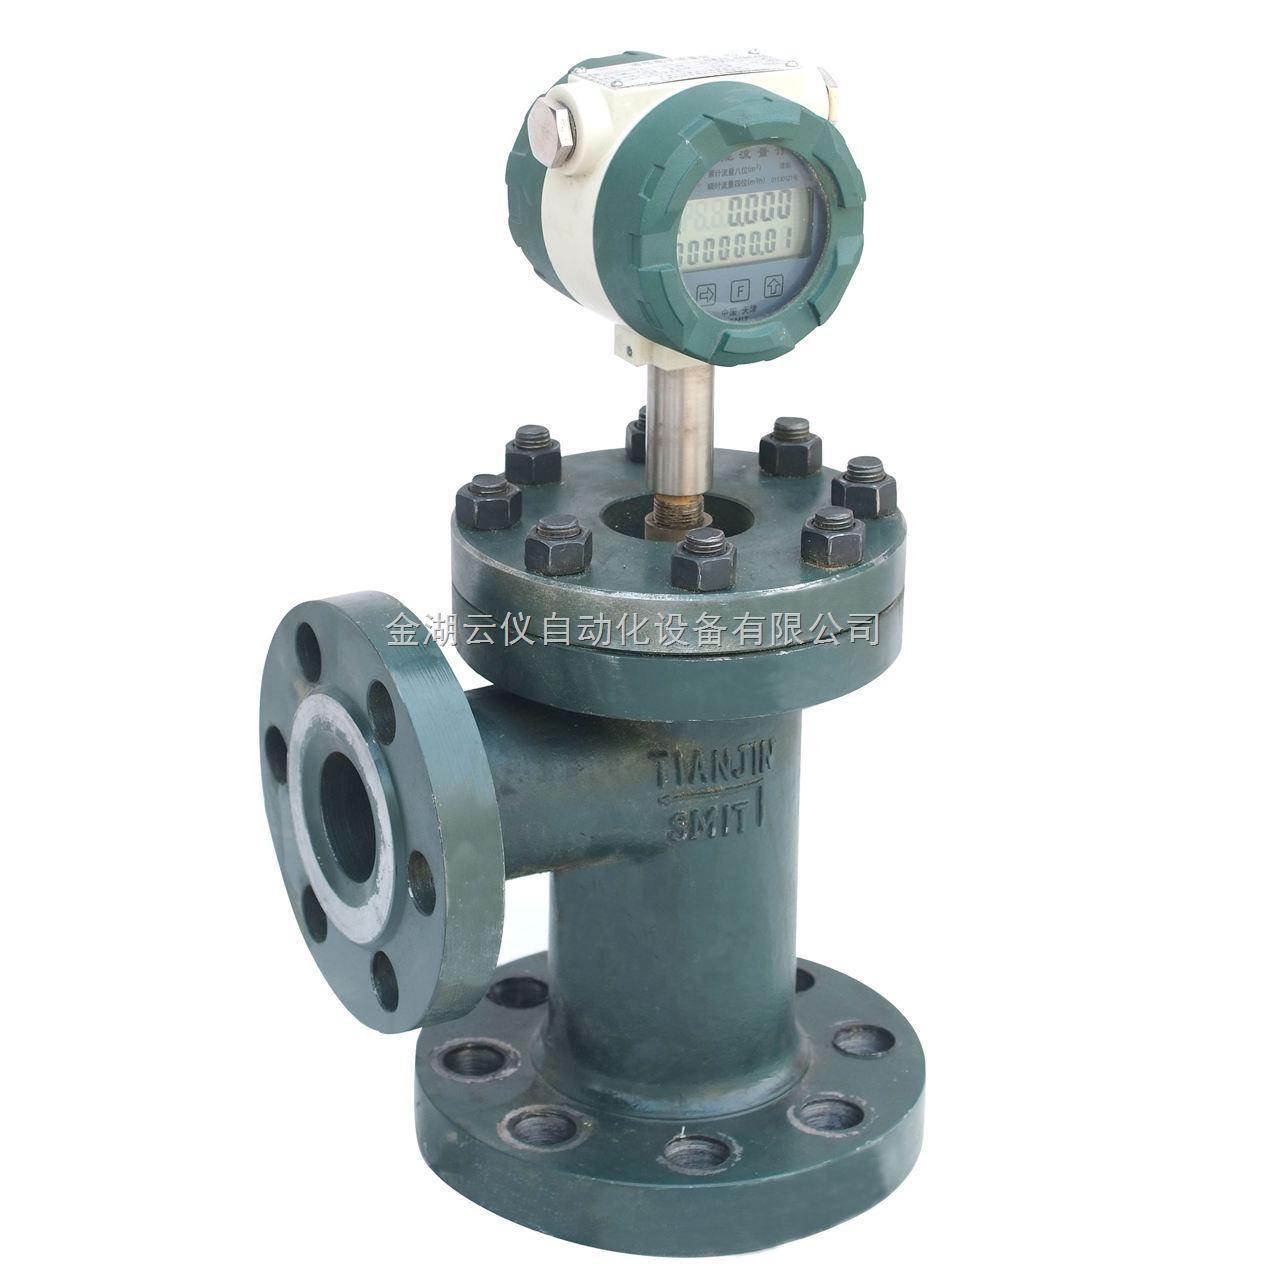 消防测水流量计,消防测水流量计厂家